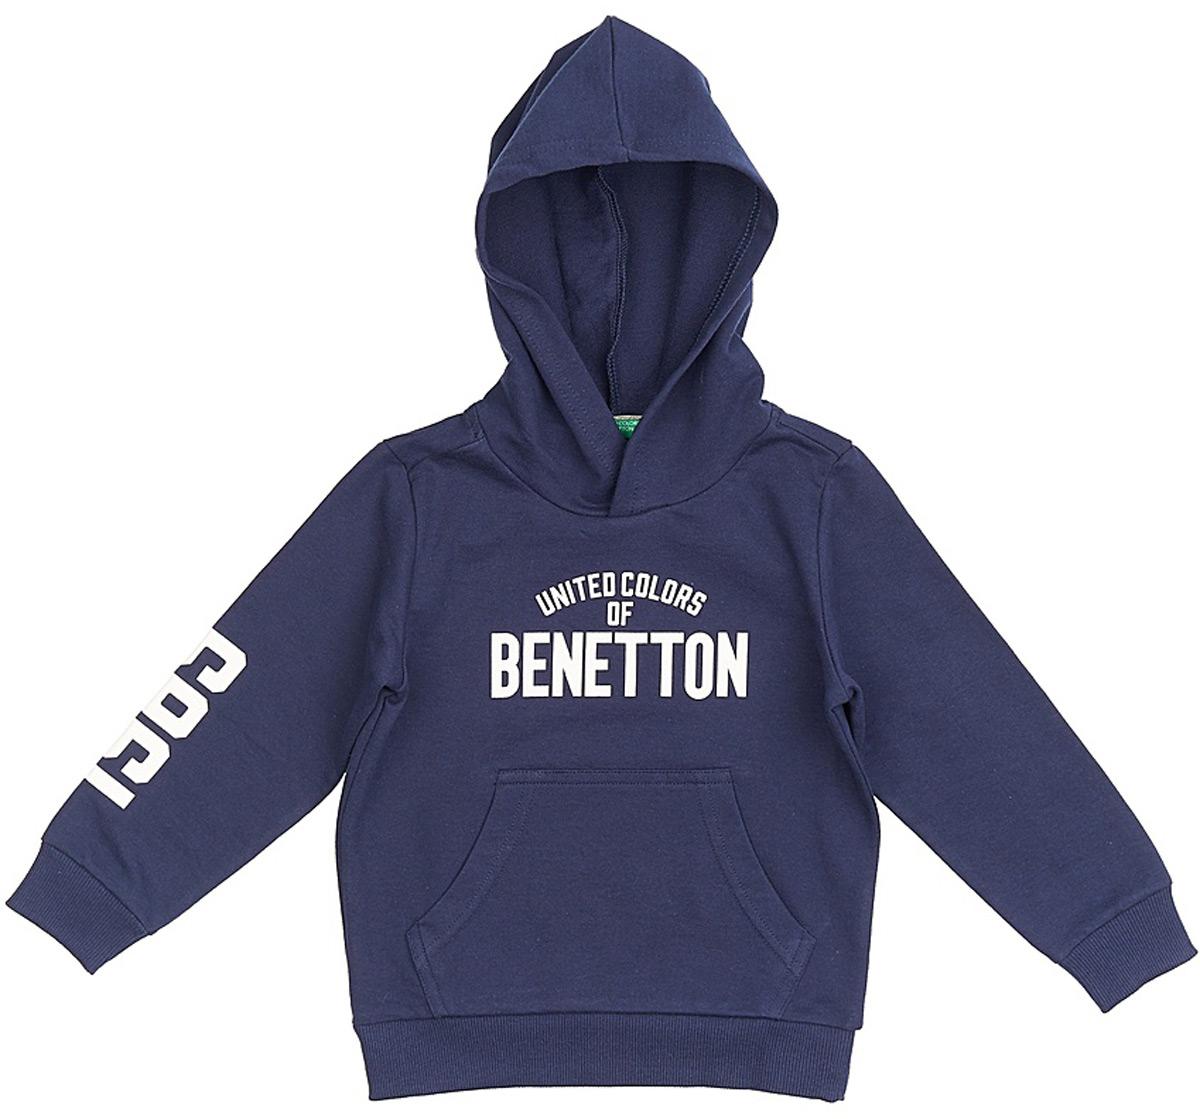 Толстовка для мальчиков United Colors of Benetton, цвет: синий. 3BC1C2091_13C. Размер 1503BC1C2091_13CМодная толстовка от United Colors of Benetton выполнена из натурального хлопкового трикотажа. Модель с капюшоном и длинными рукавами на груди оформлена брендированной надписью и спереди дополнена карманом кенгуру. Манжеты рукавов и низ изделия дополнены широкими трикотажными резинками.